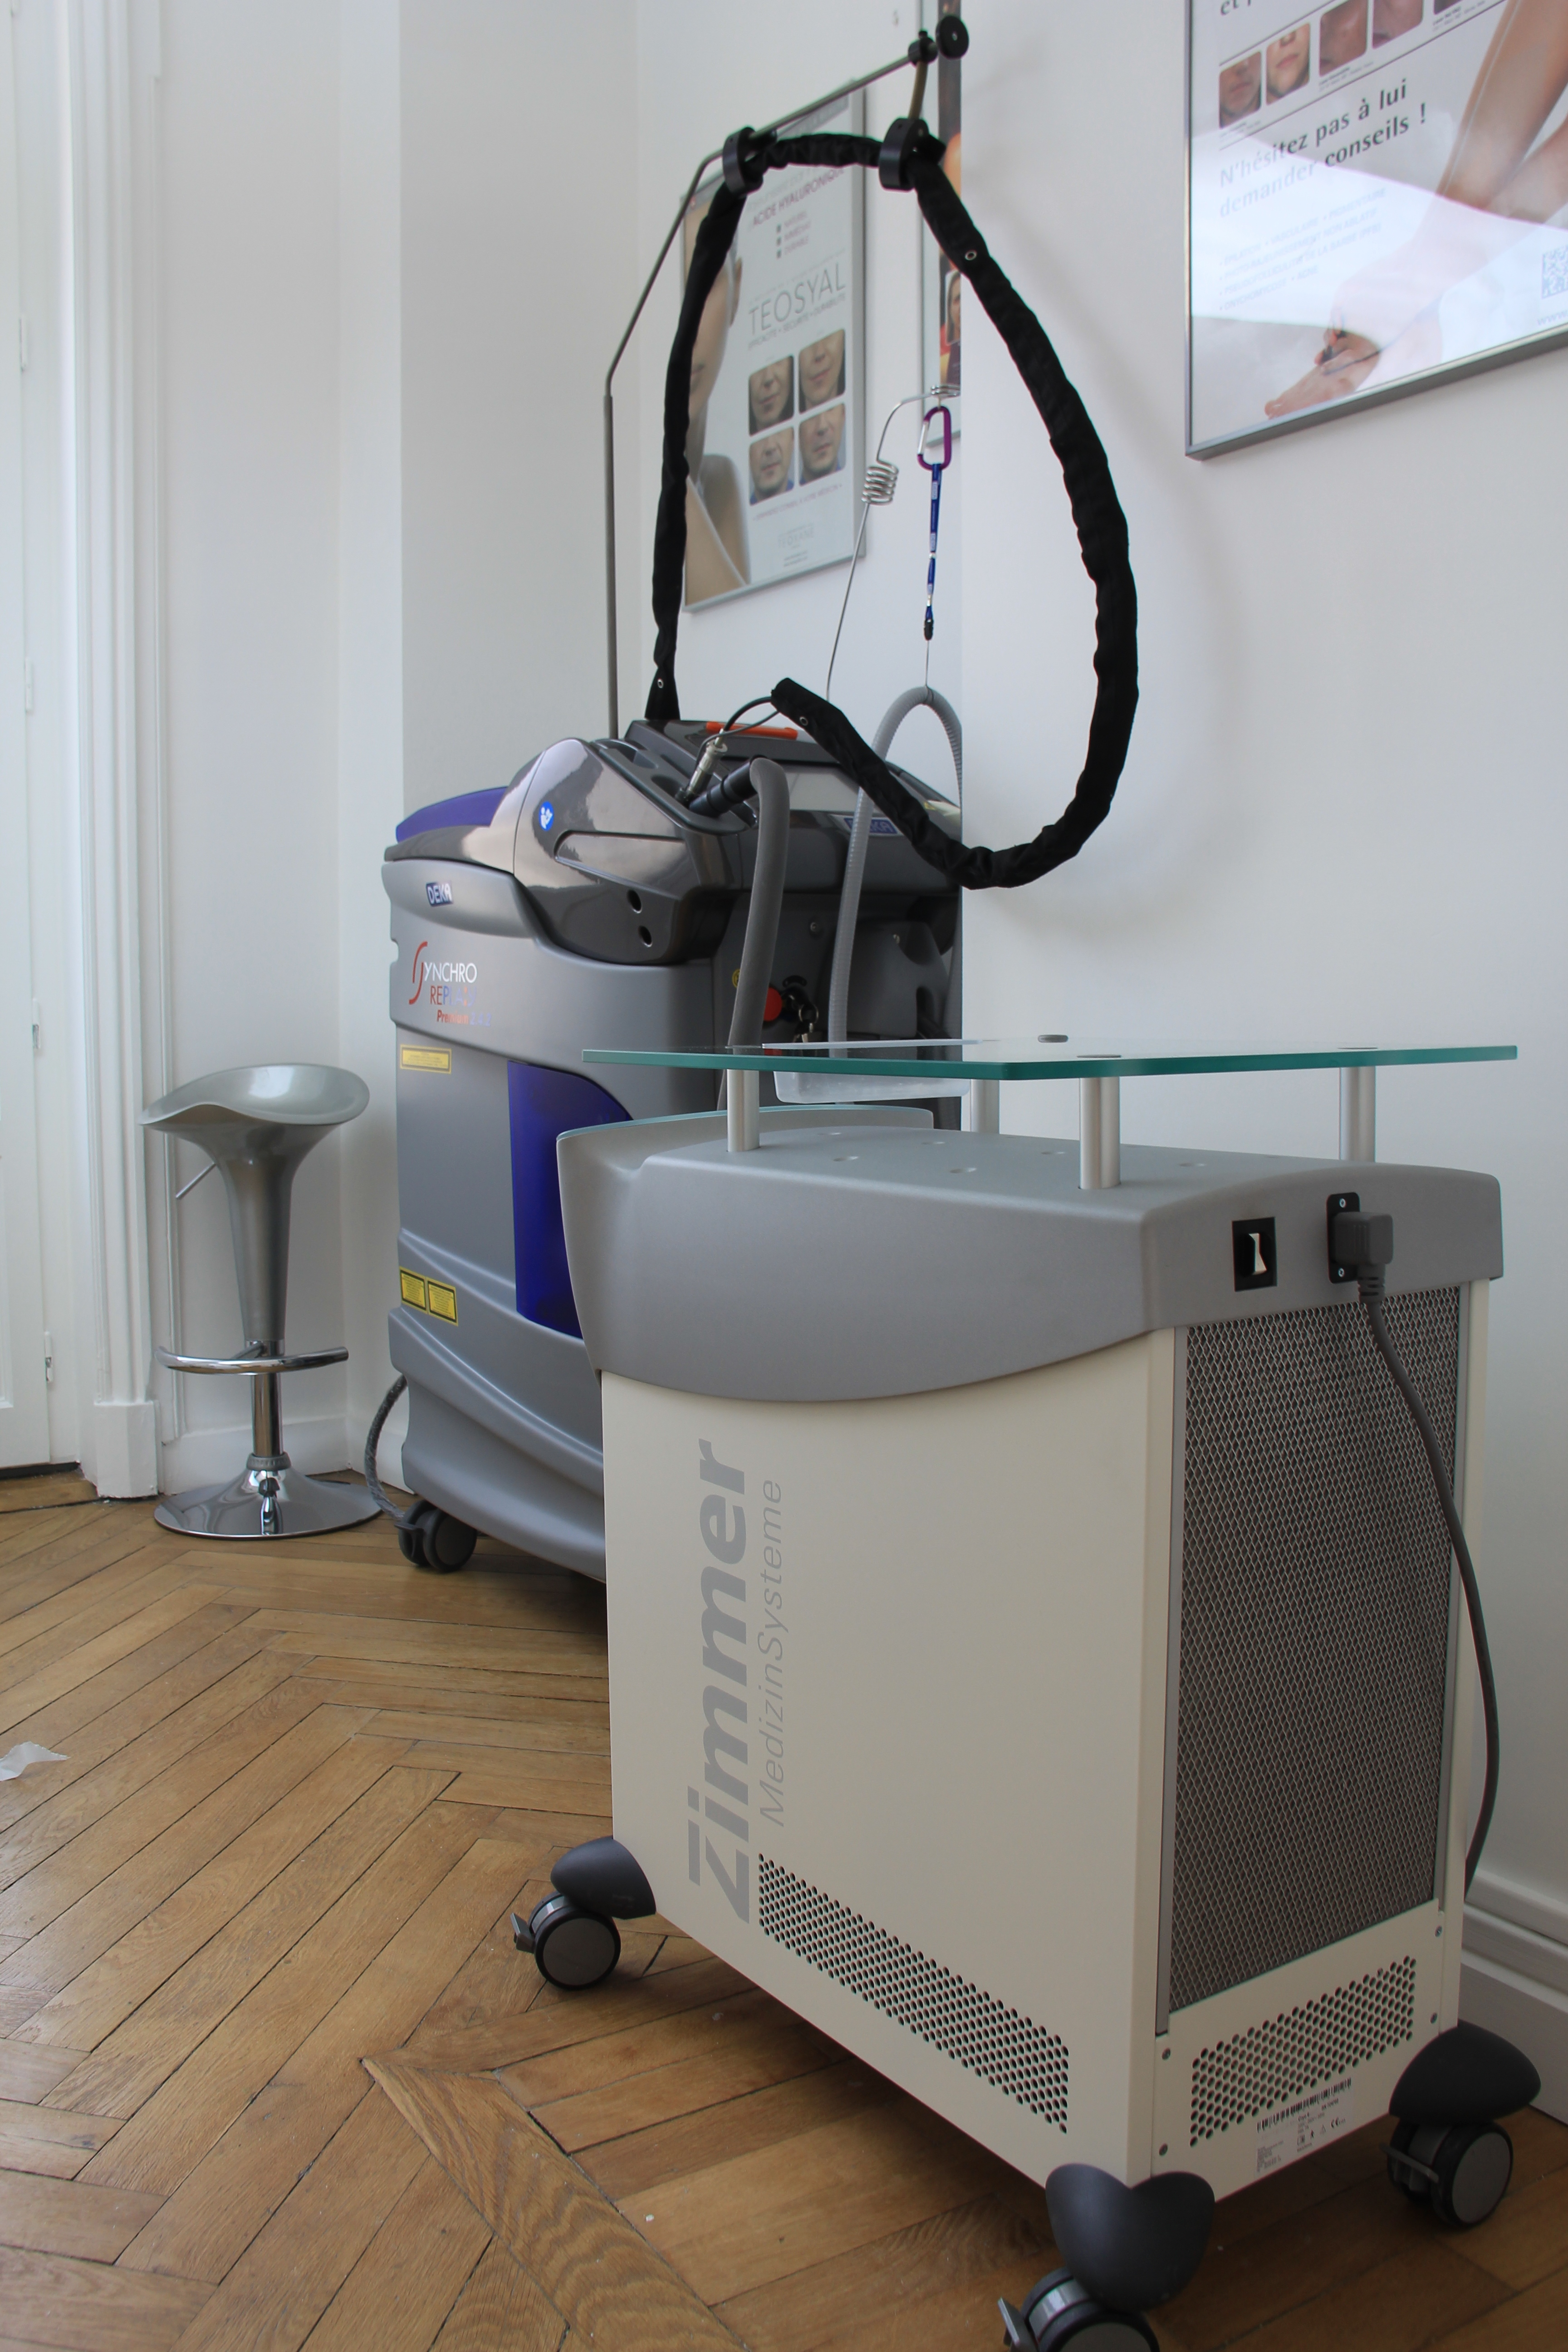 epilation d finitive au laser lyon m decin las riste docteur val rie gaillard. Black Bedroom Furniture Sets. Home Design Ideas